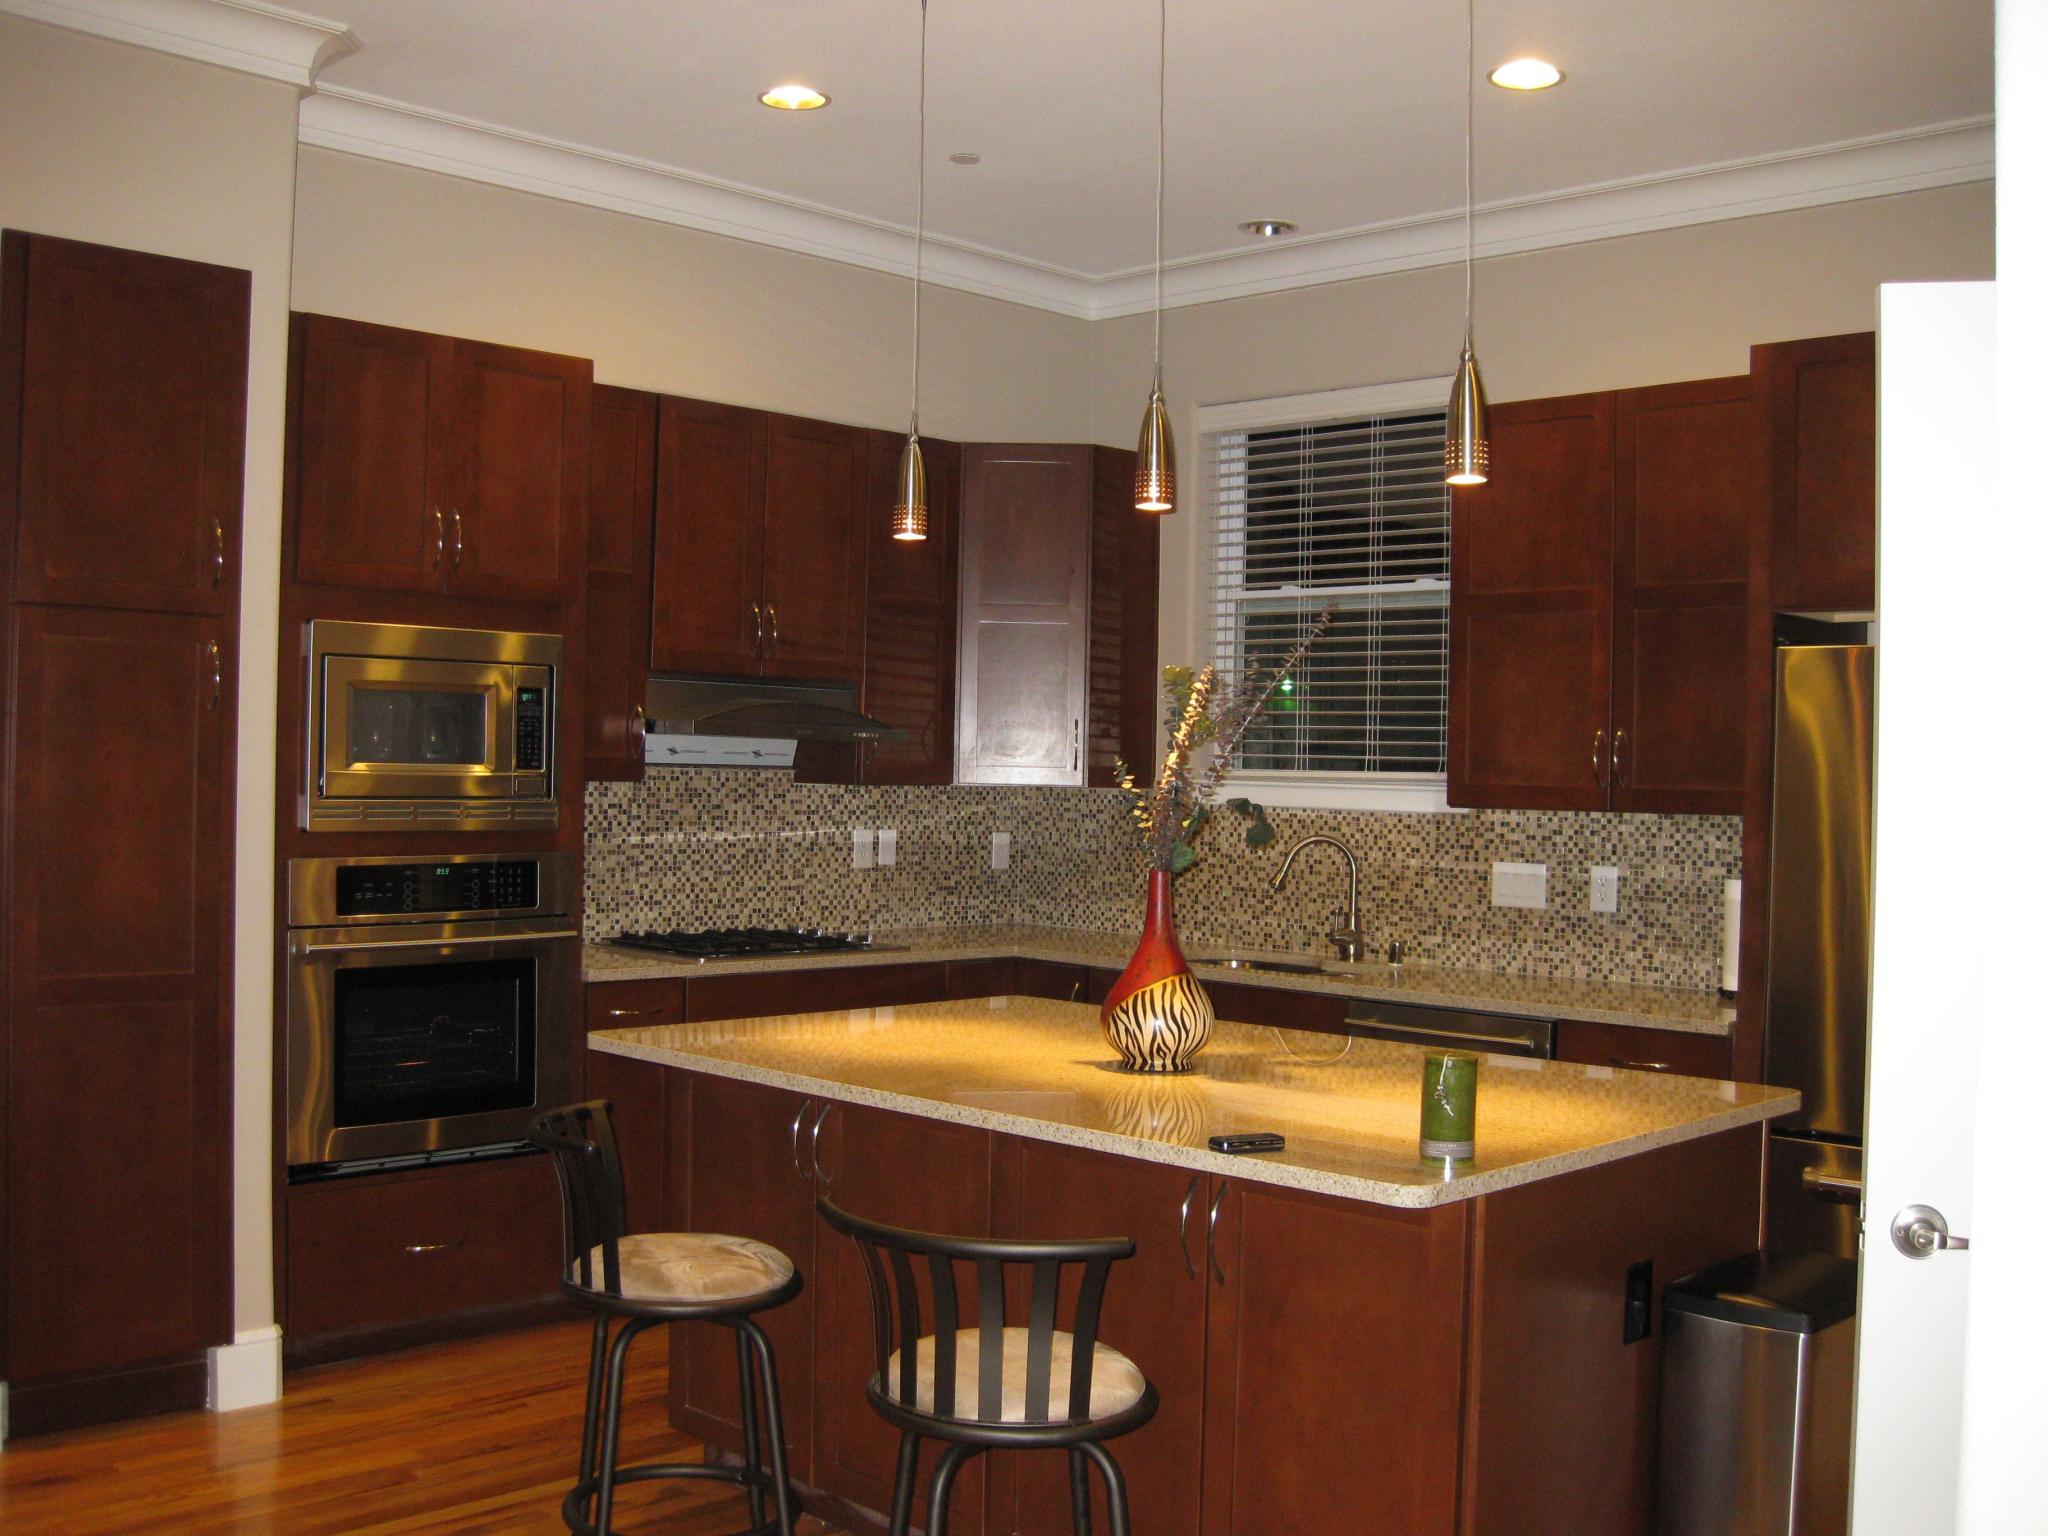 3200 Ross Ave #24, Dallas, TX 75204 For Rent | Trulia